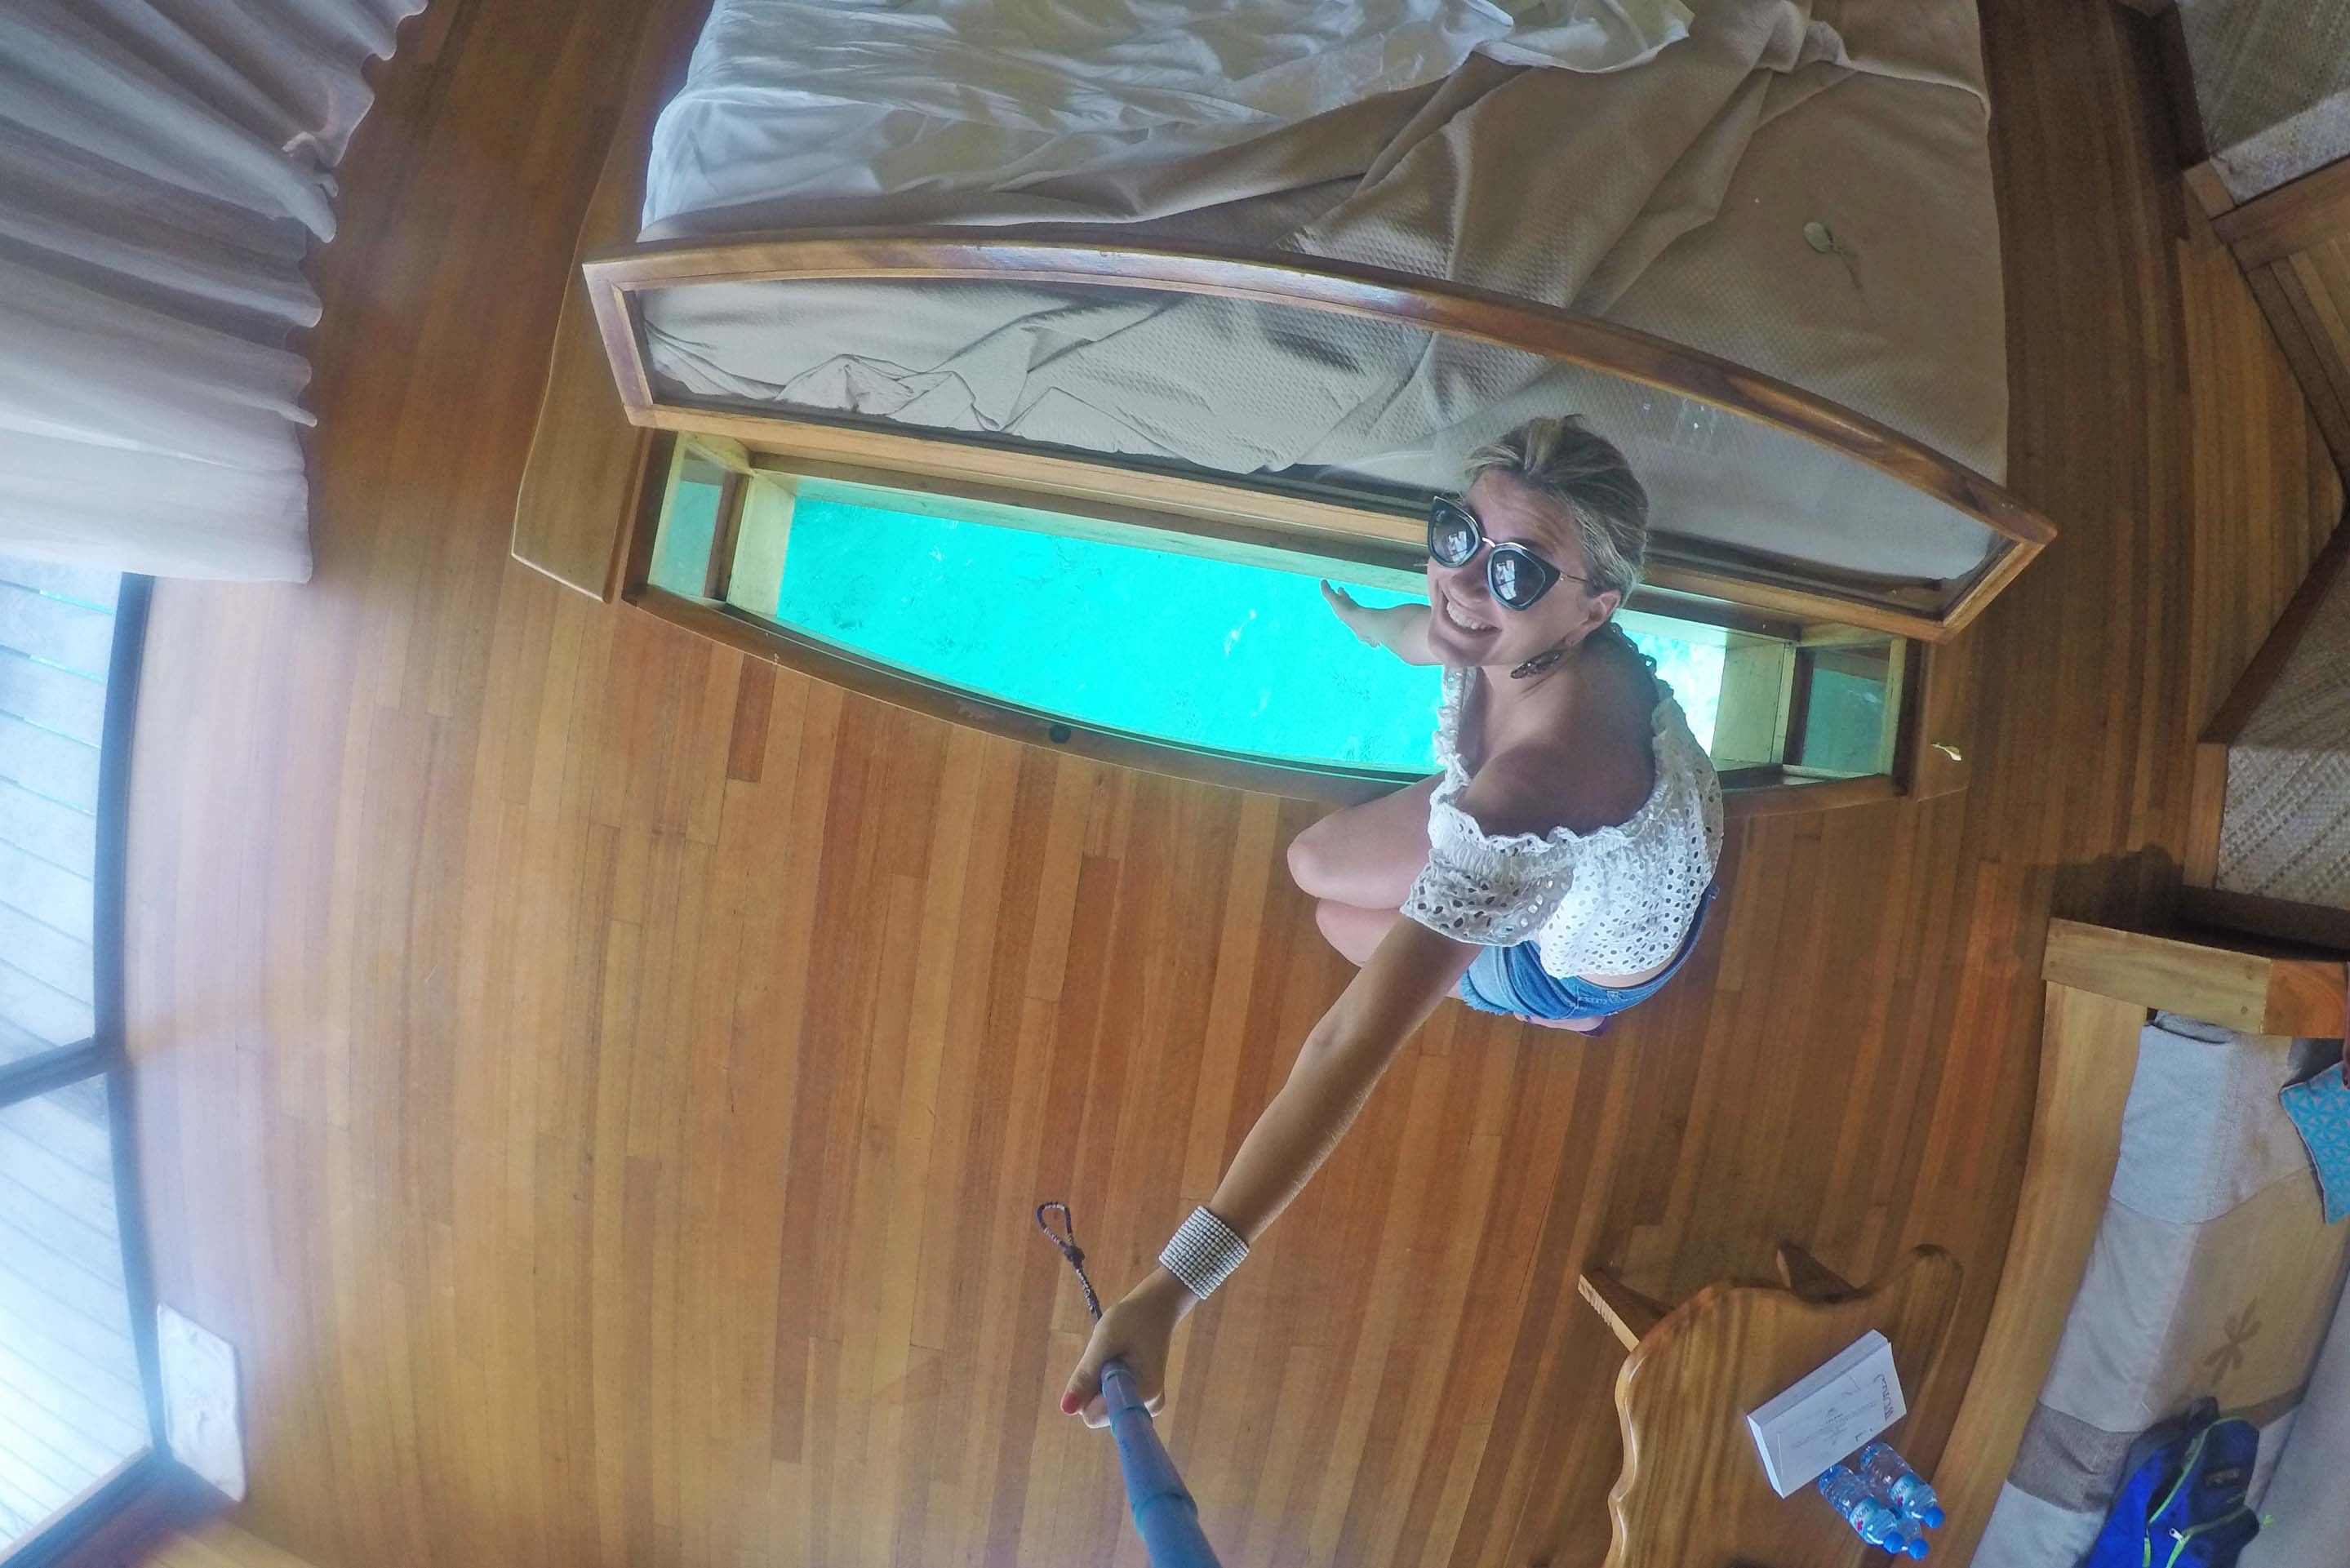 Detalhe da abertura para o mar nos pés da cama no Bangalô do Le Taha'a Island Resort. Para jogar comida para os peixes! | foto: Lala Rebelo